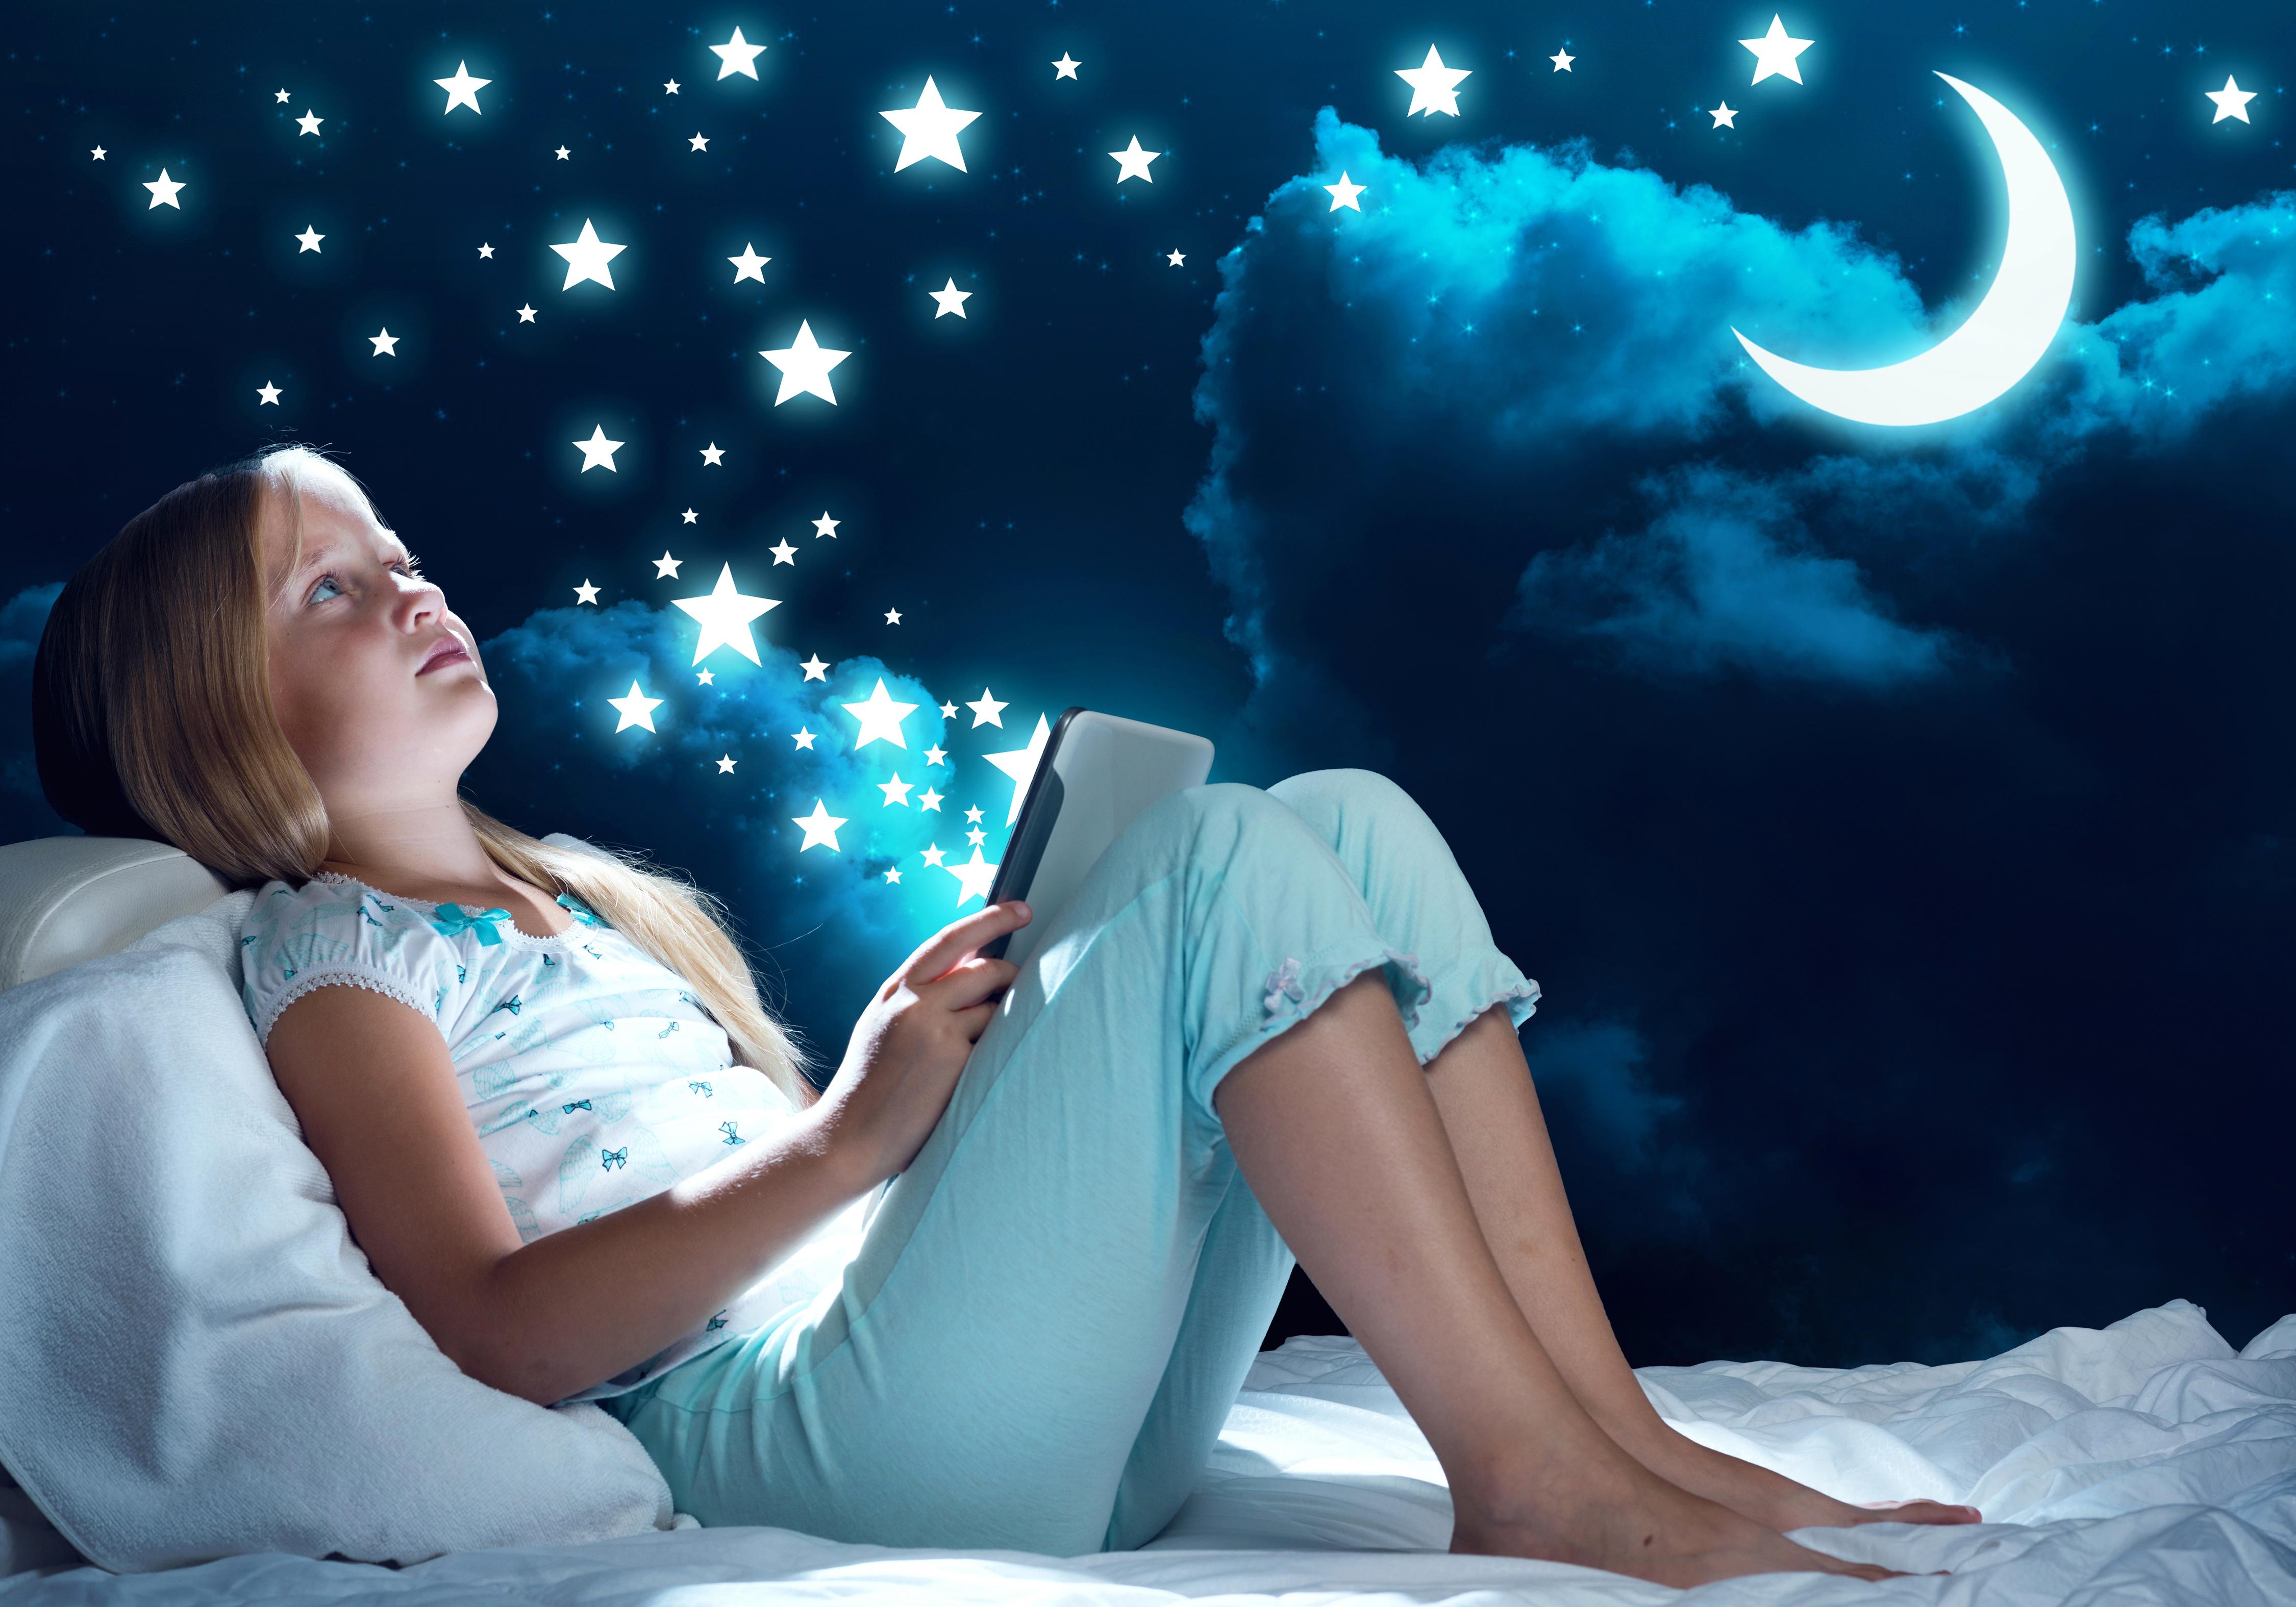 обязательно картинки про сон и ночью менее важным